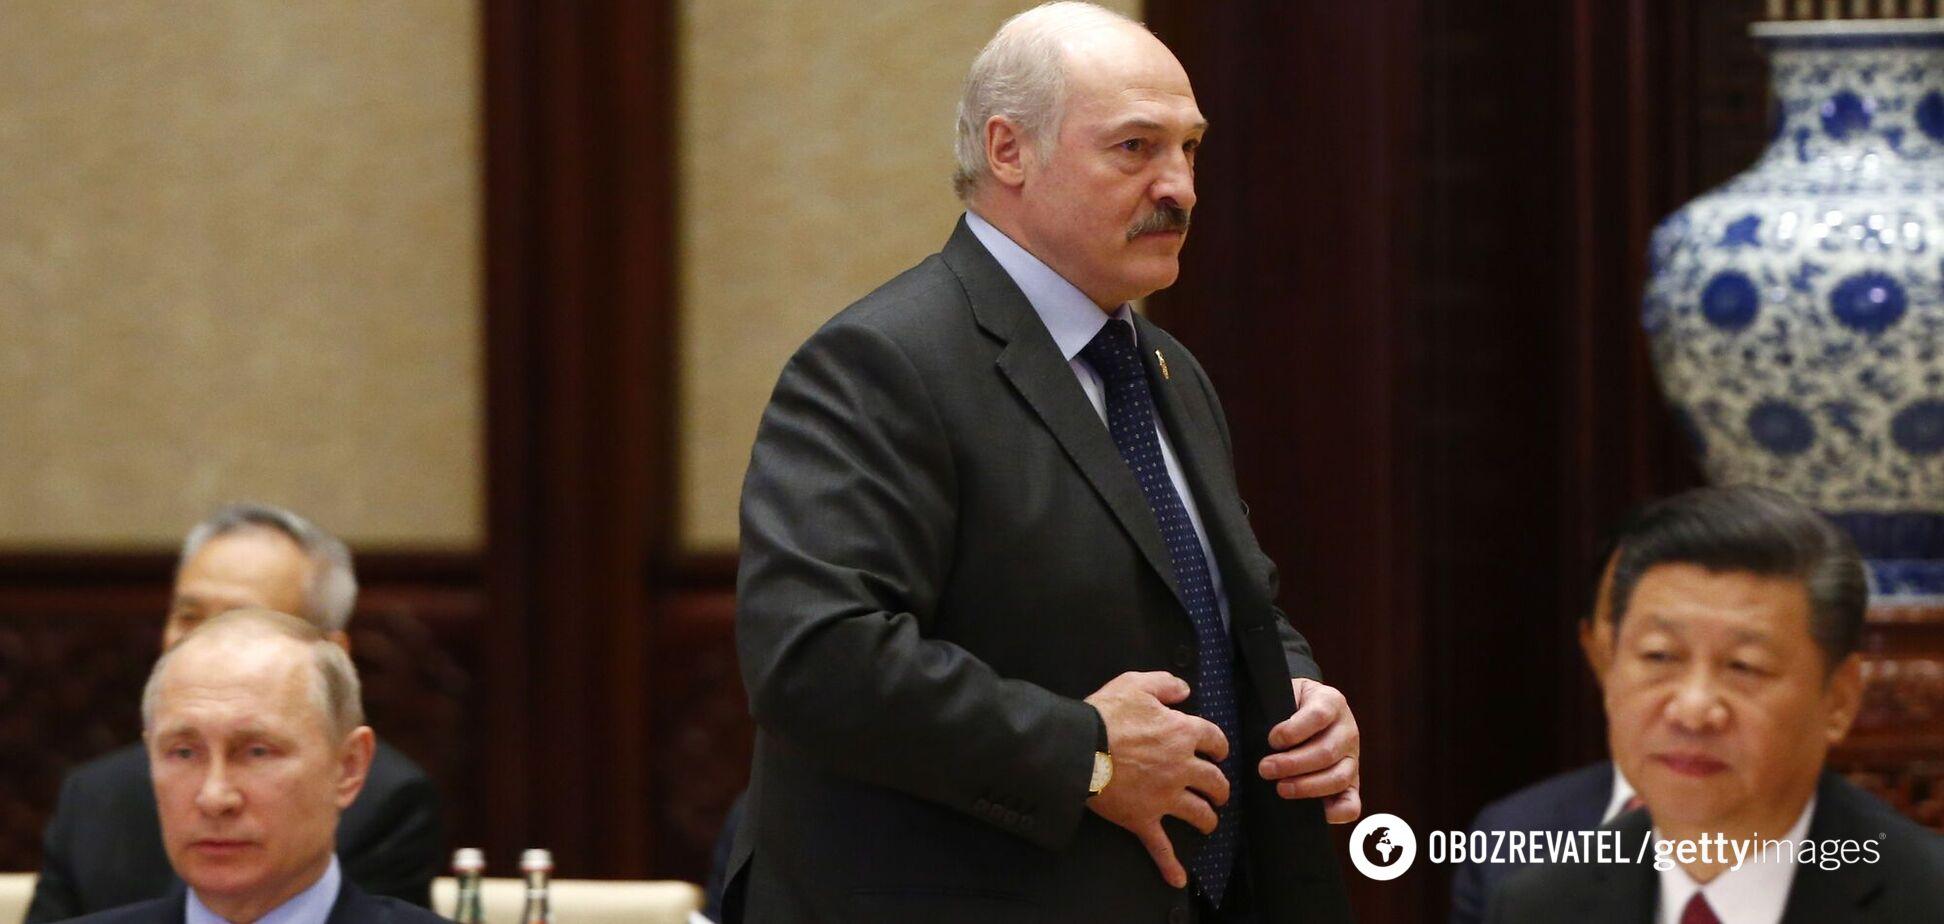 Тогдашний президент Беларуси Александр Лукашенко на саммите в рамках форума 'Один пояс, один путь' 15 мая 2017 года в Пекине, Китай.